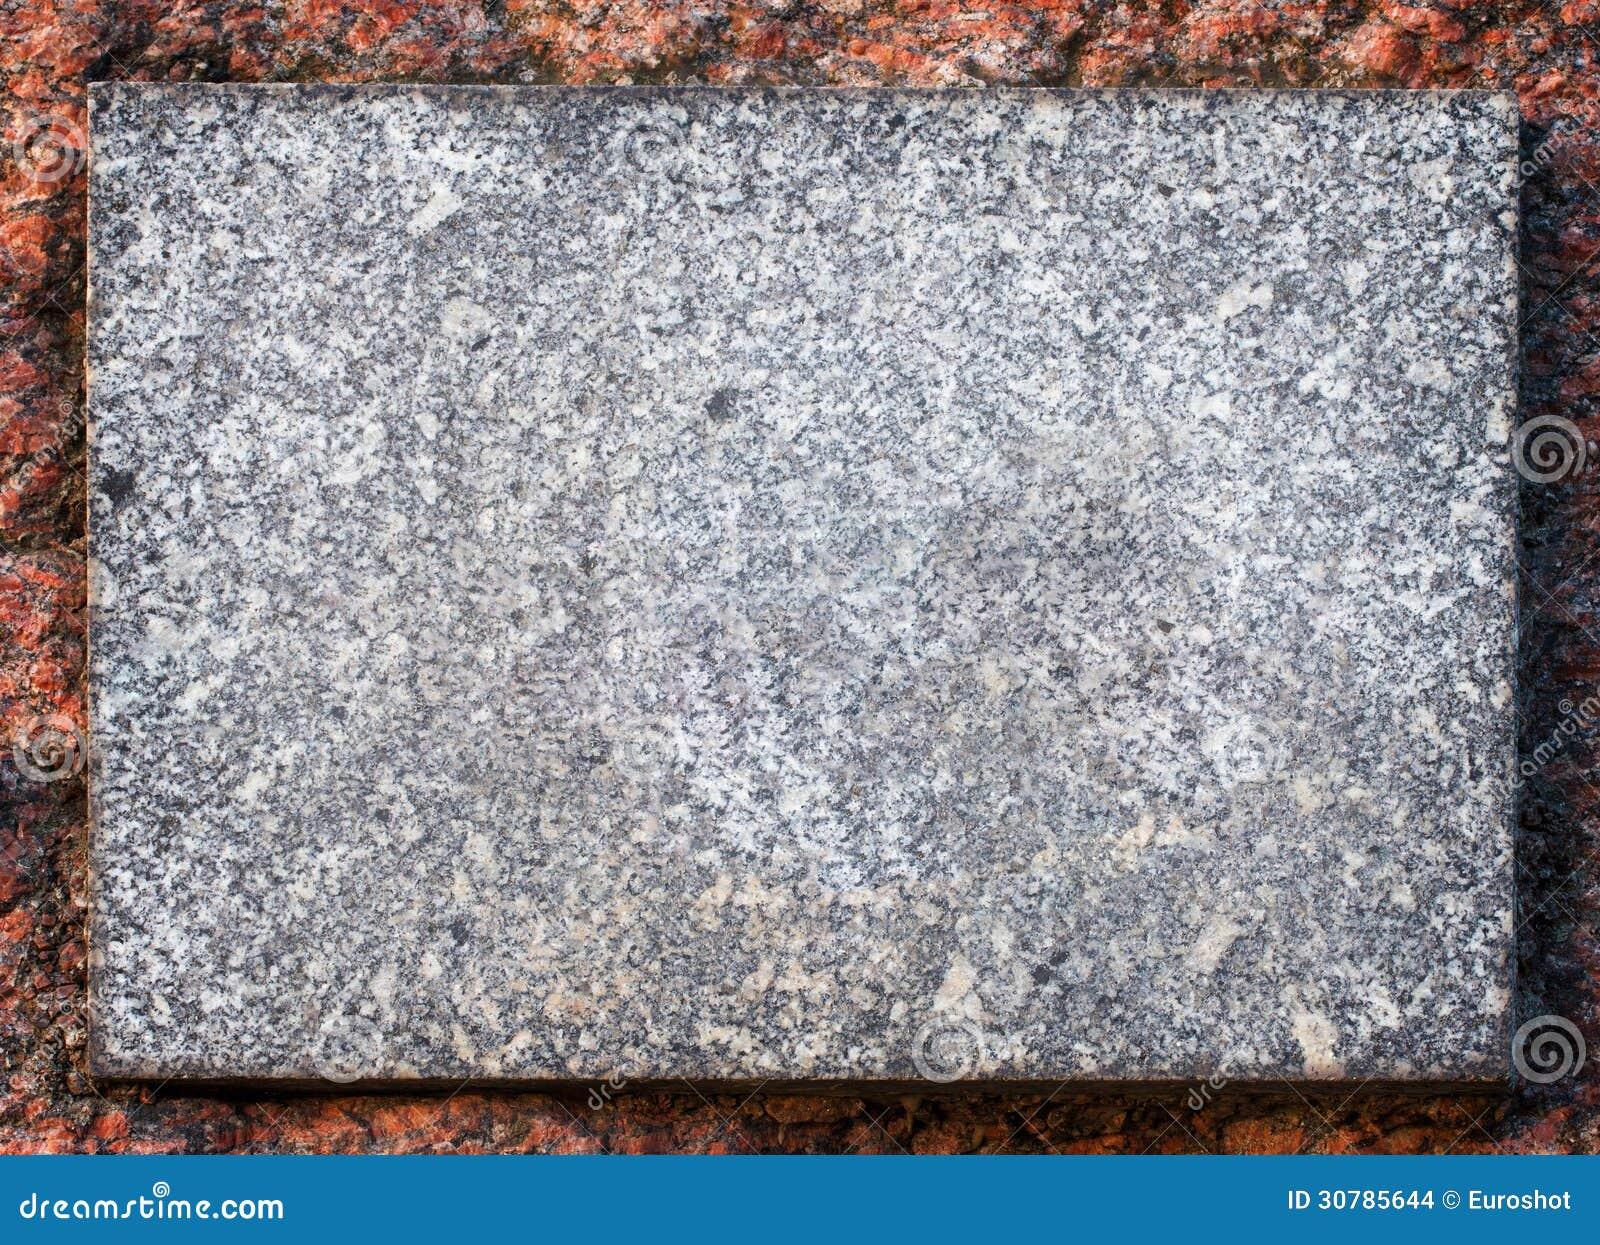 Fondo de piedra de la placa del granito imagenes de for Granito en piedra